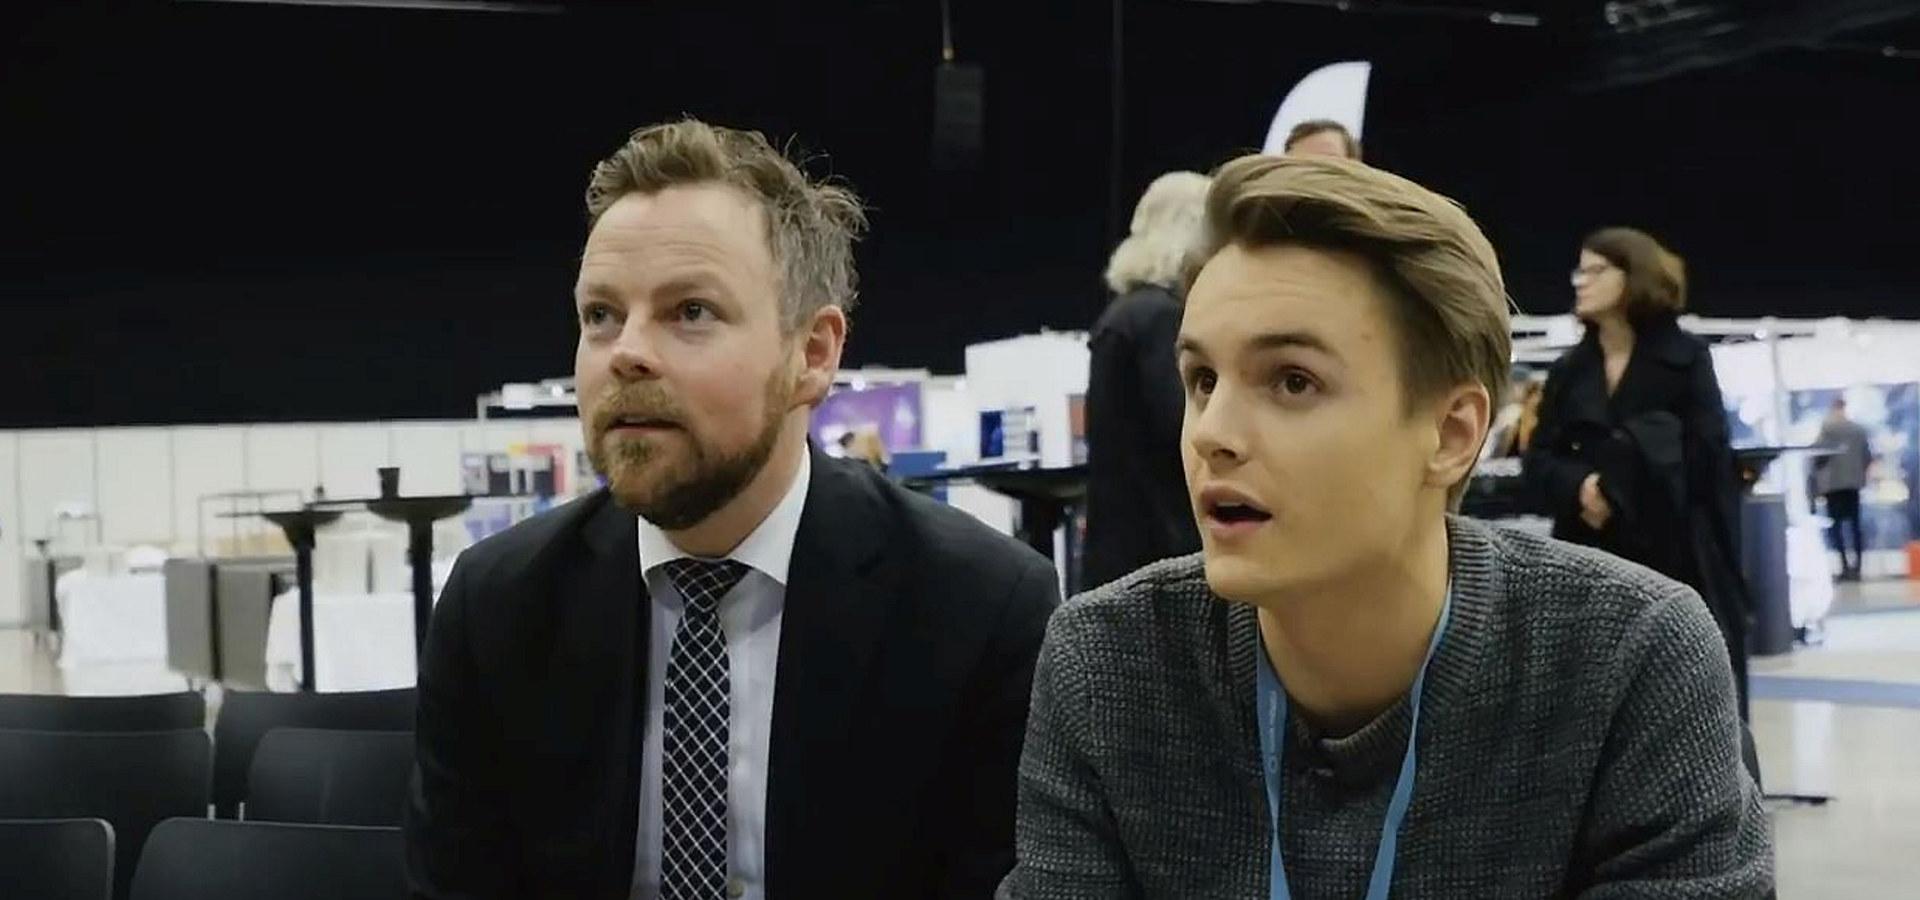 """Næringsminister Torbjørn Røe Isaksen og Elias """"Kime"""" Rådlund spiller Fortnite på Industri Futurum 2018. Skjermdump: YouTube"""